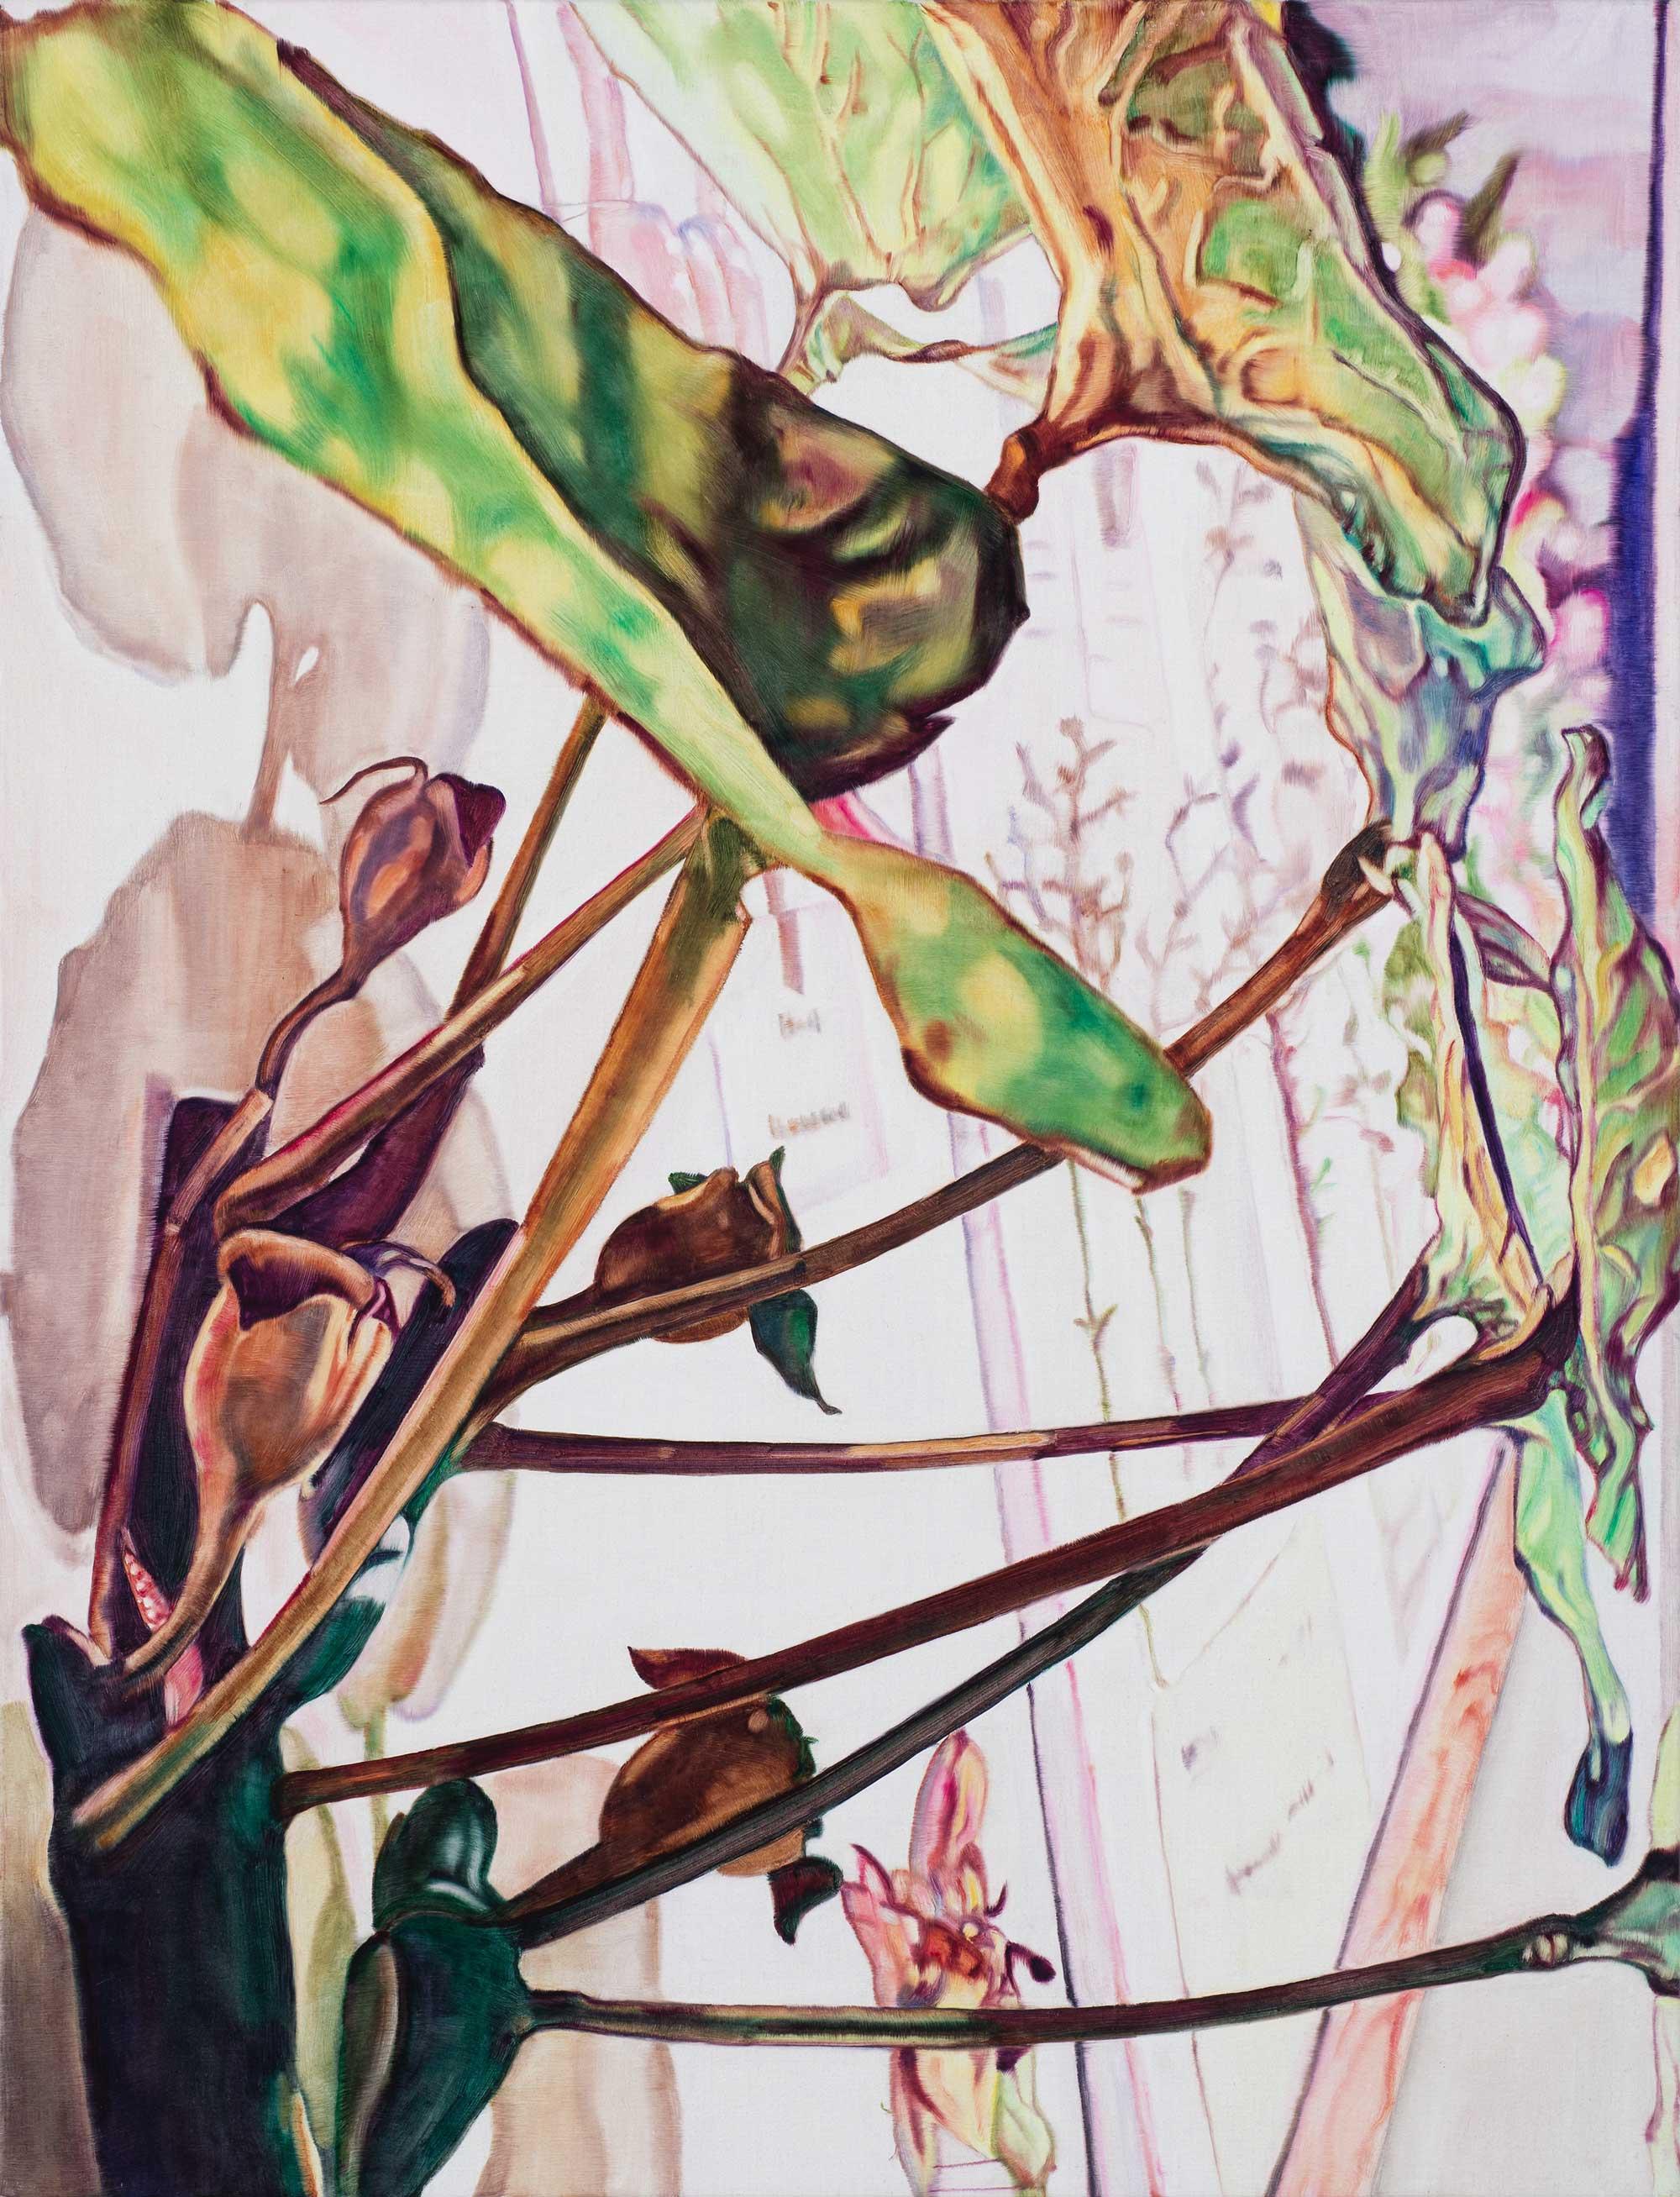 Hanging Garden #3 , 2014 86 x 66cm oil on linen